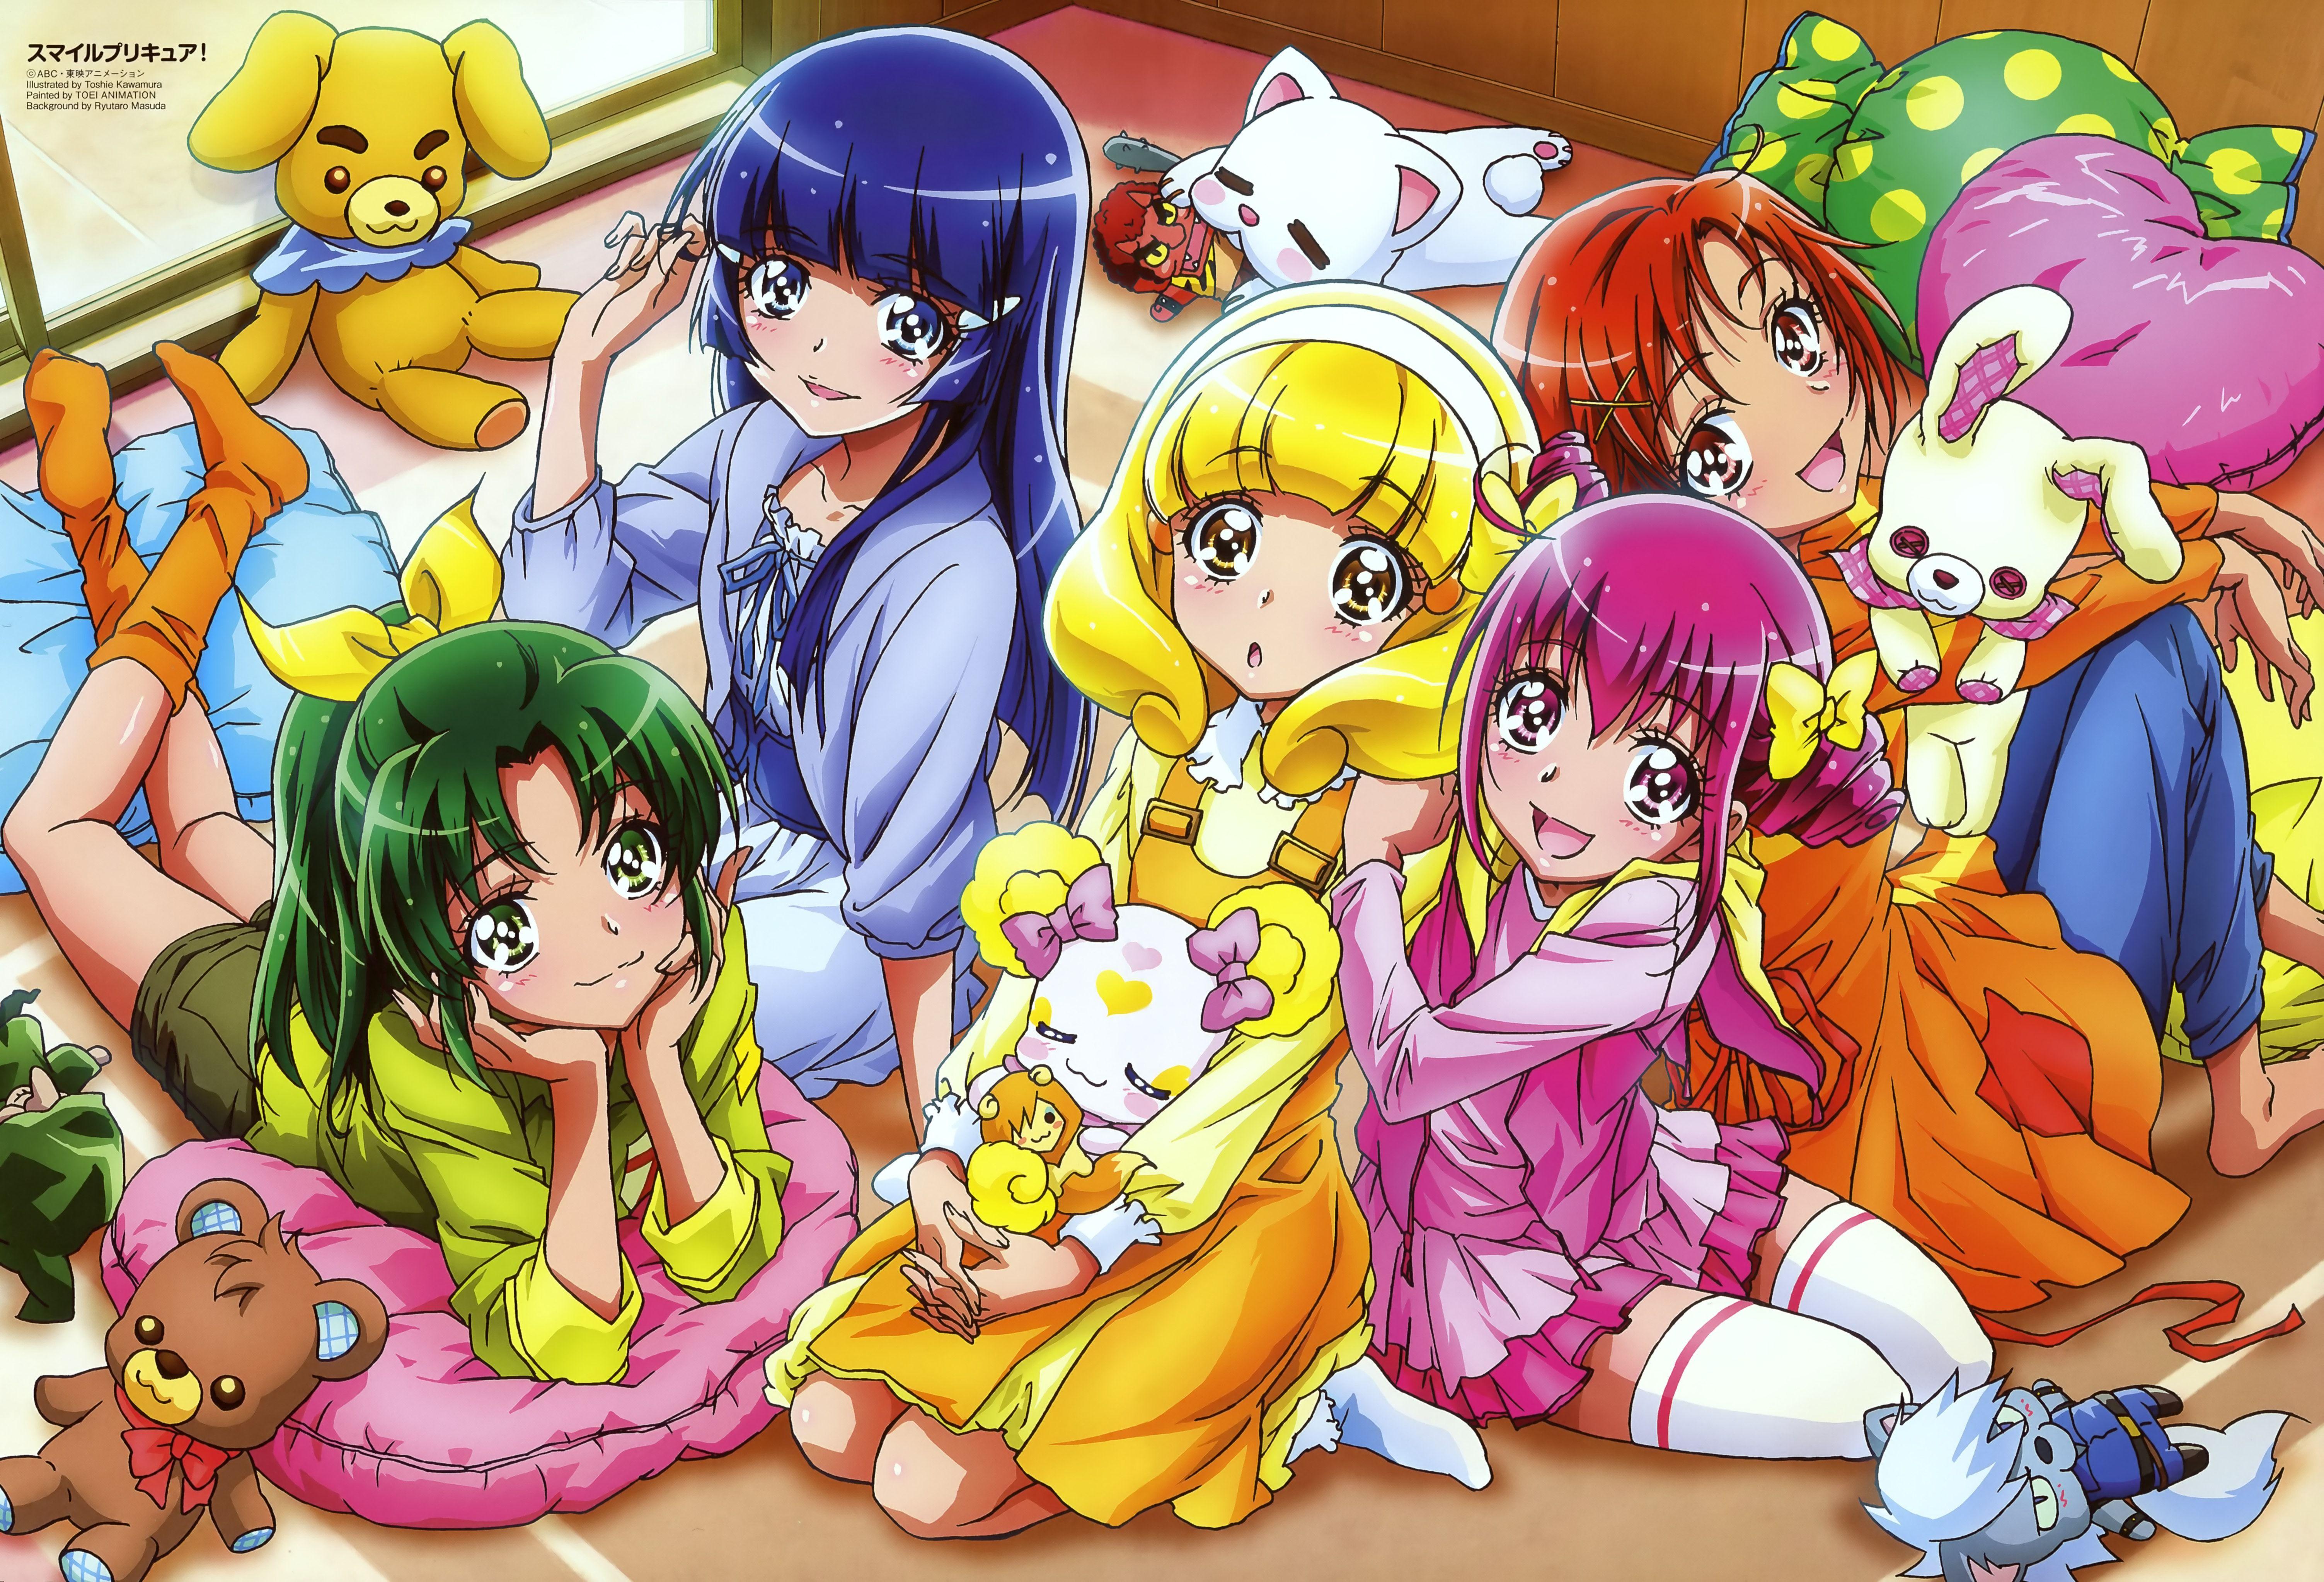 Happy/Miyuki, Sunny/Akane, Peace/Yayoi, March/Nao, Beauty